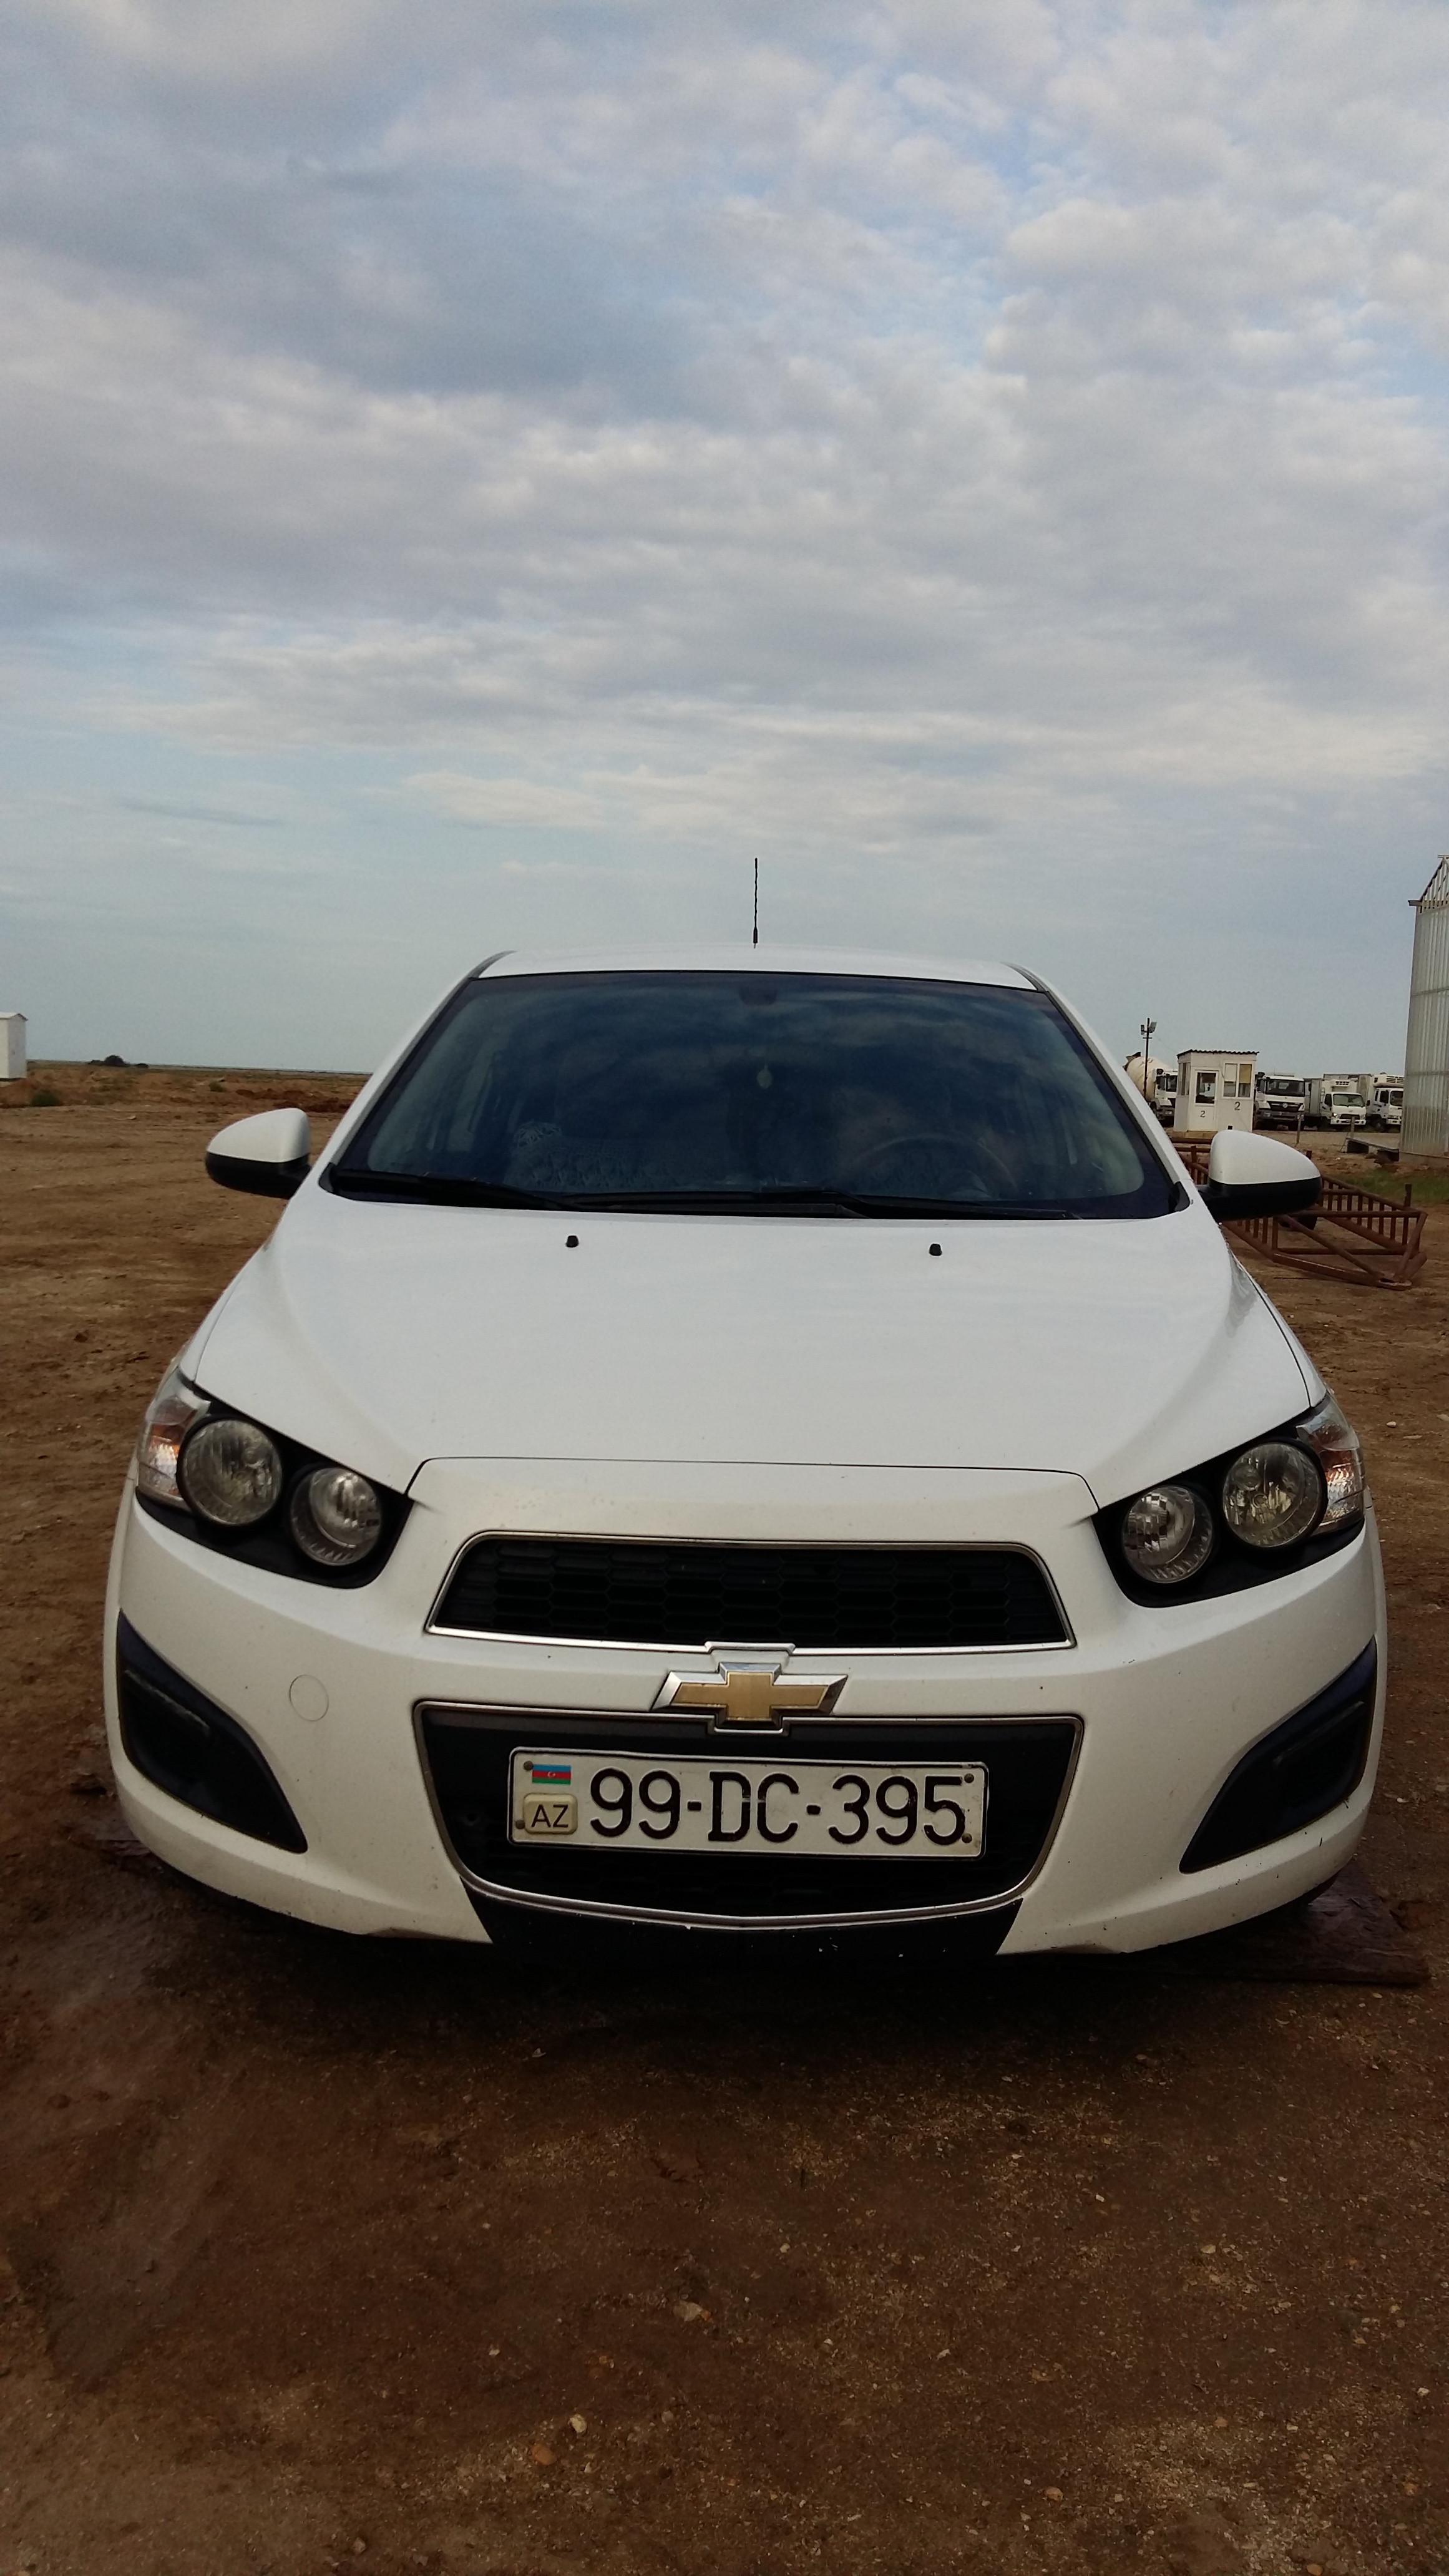 Chevrolet Aveo 1.4(lt) 2012 Подержанный  $11300